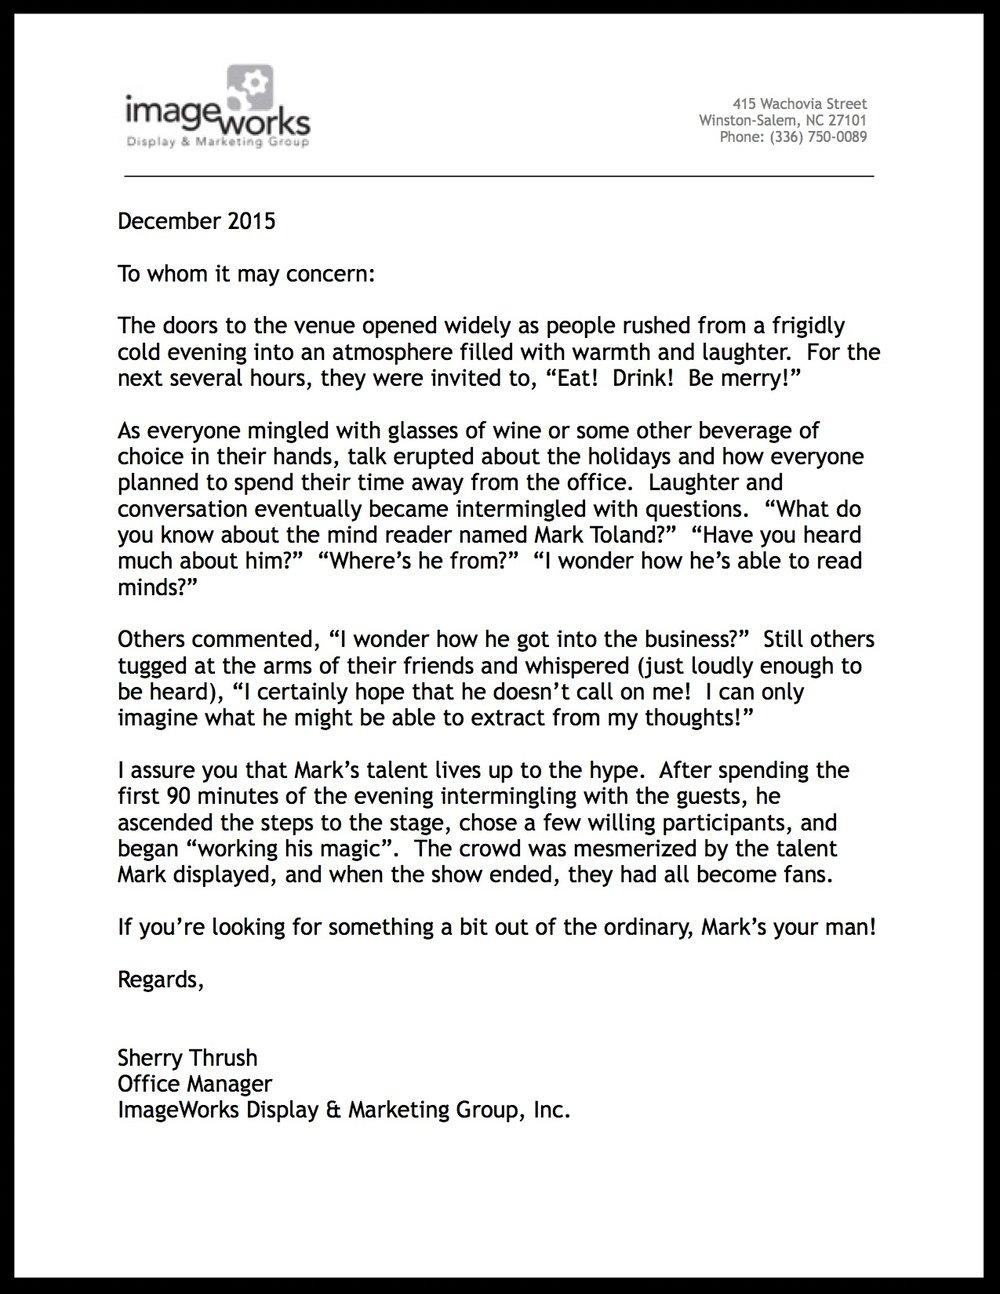 Imageworks Rec Letter.jpg